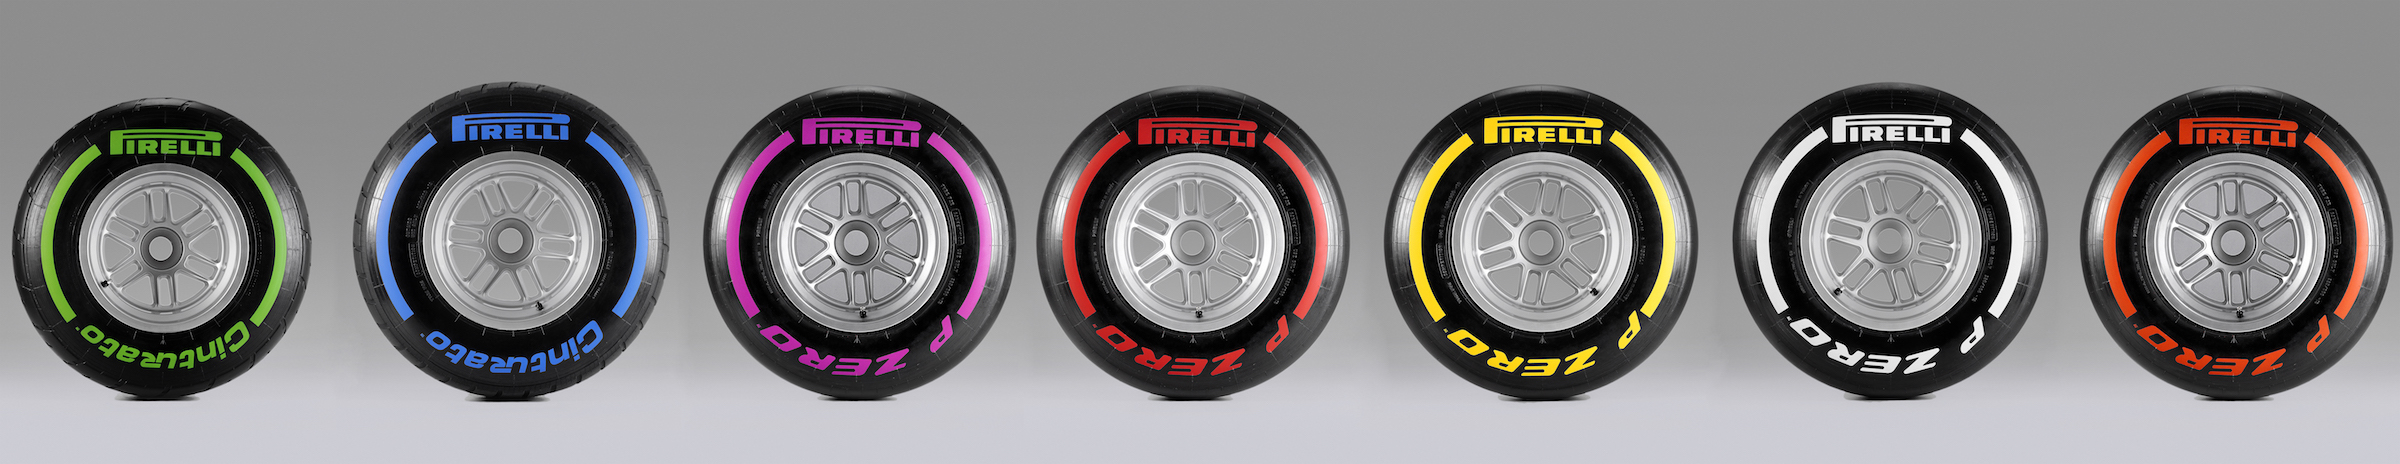 Pirelli_F1_2016_05.jpg